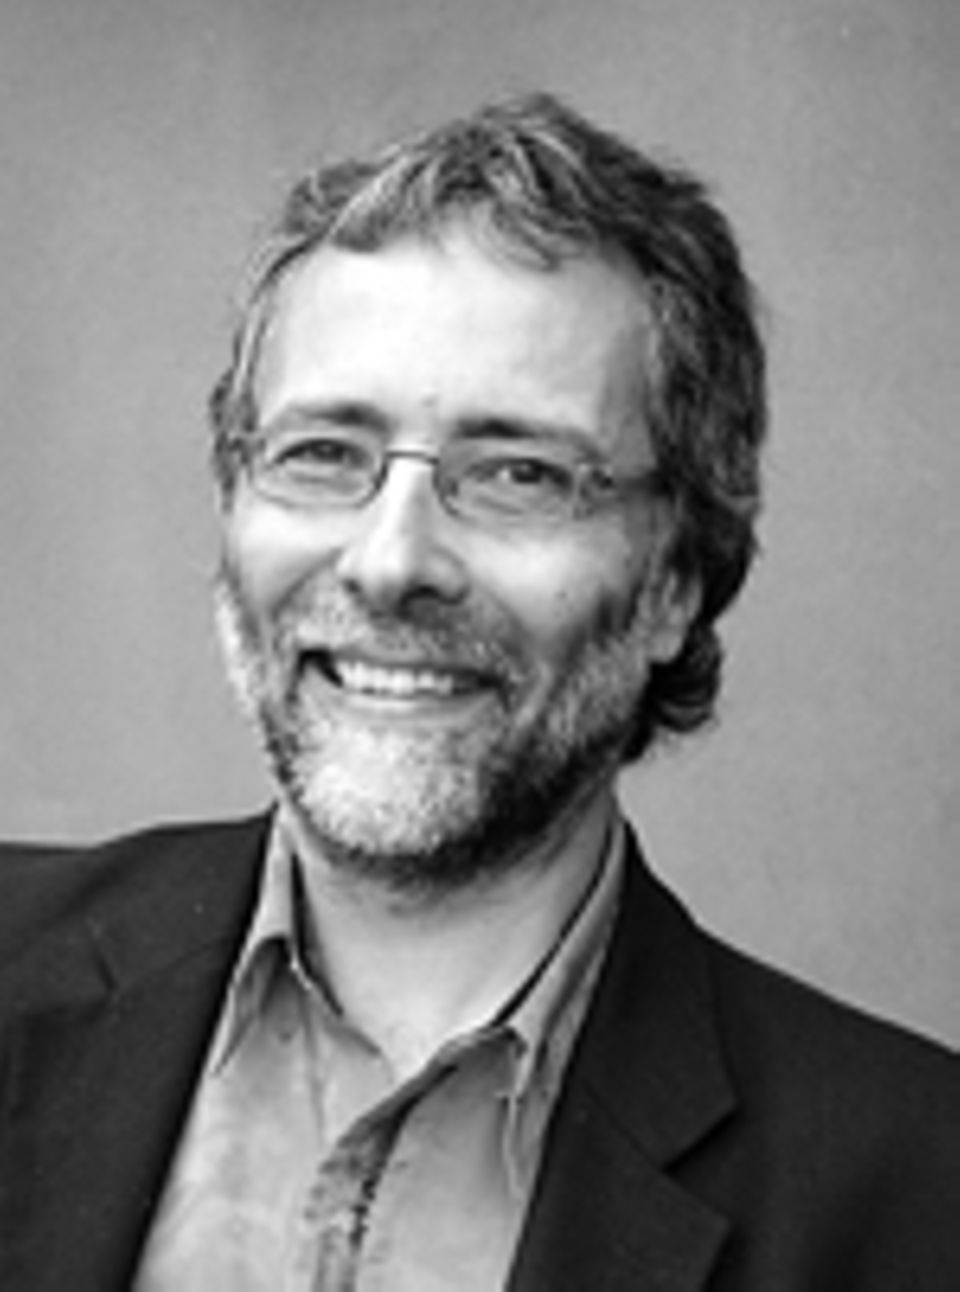 COP19-Klimakonferenz: Chritoph Bals ist Politischer Geschäftsführer der Entwicklungs- und Umweltorganisation Germanwatch